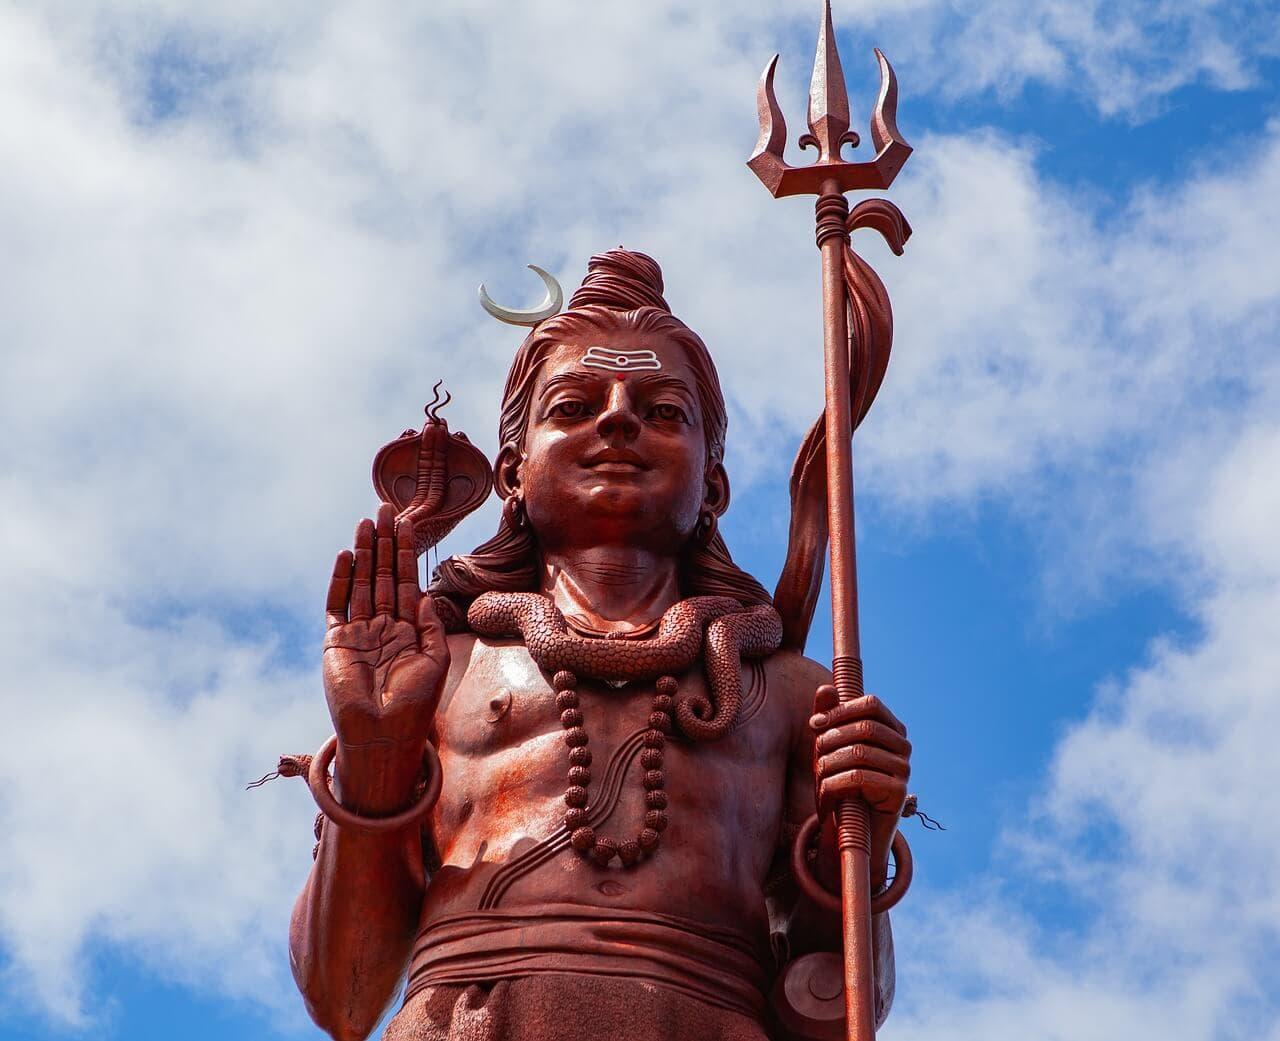 Trident Hindu Shiva